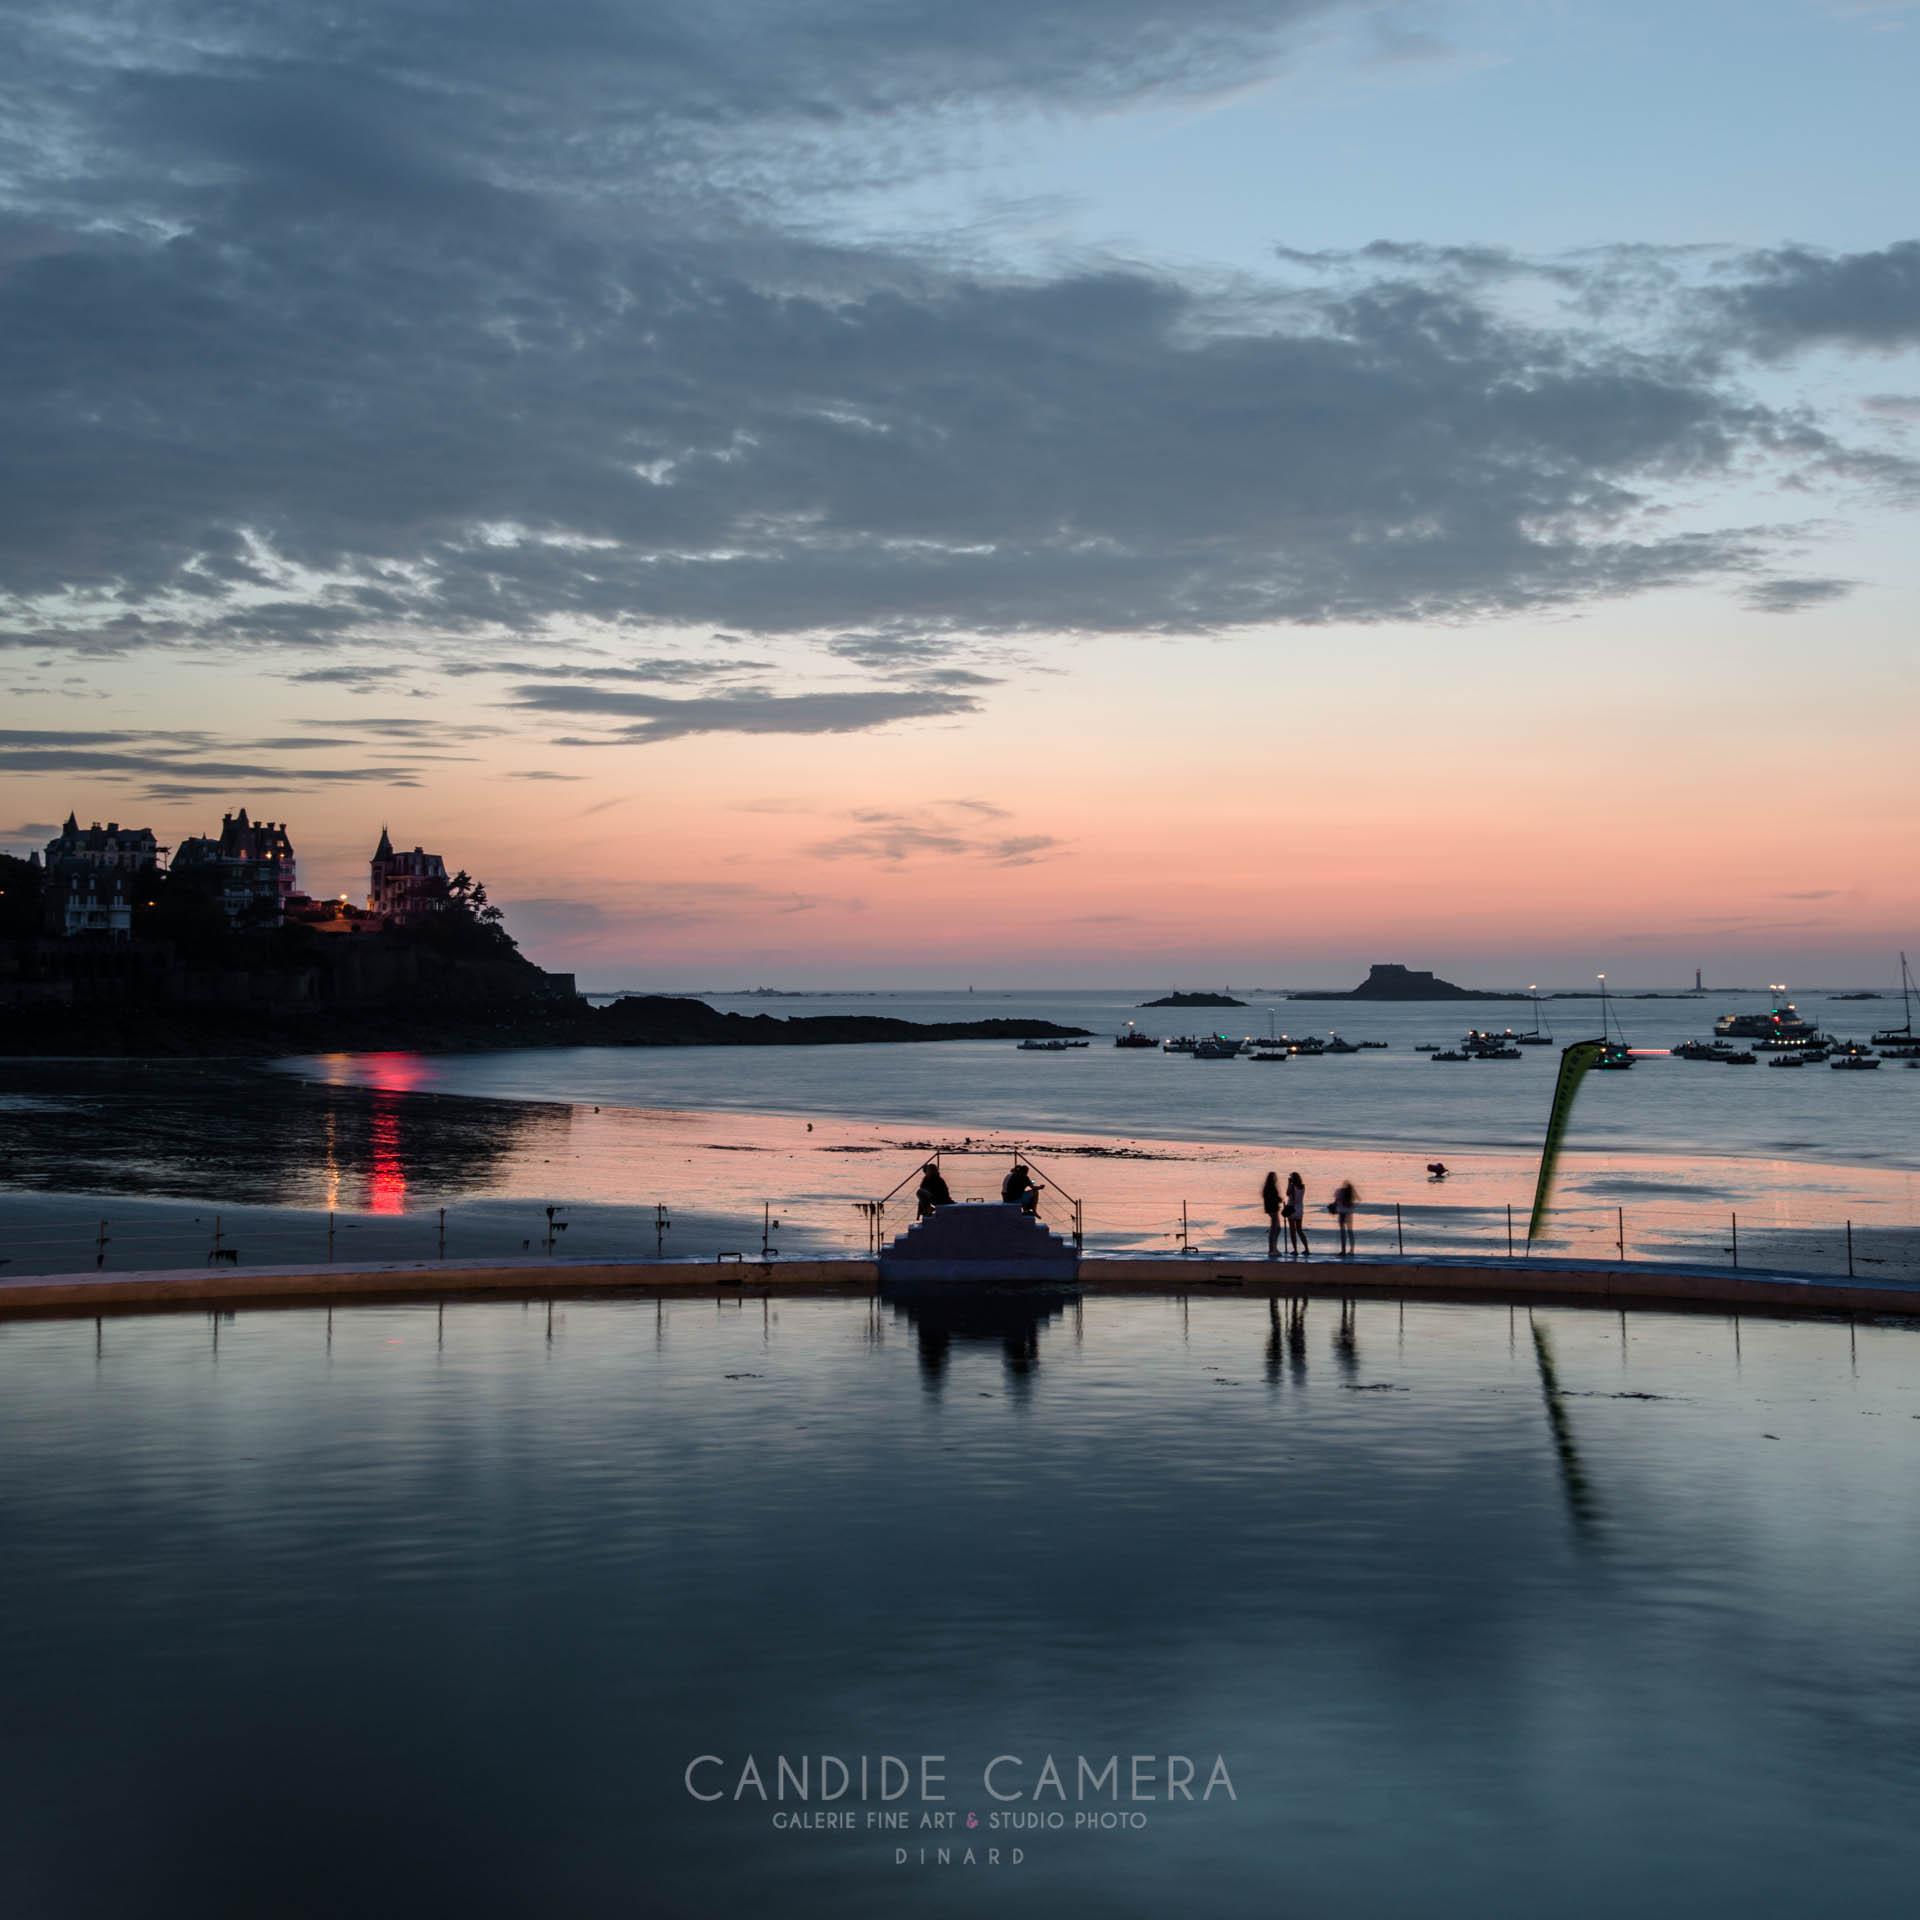 GALERIE_CANDIDE_CAMERA_PHOTOGRAPHE_DINARD_Balade au clair de lune